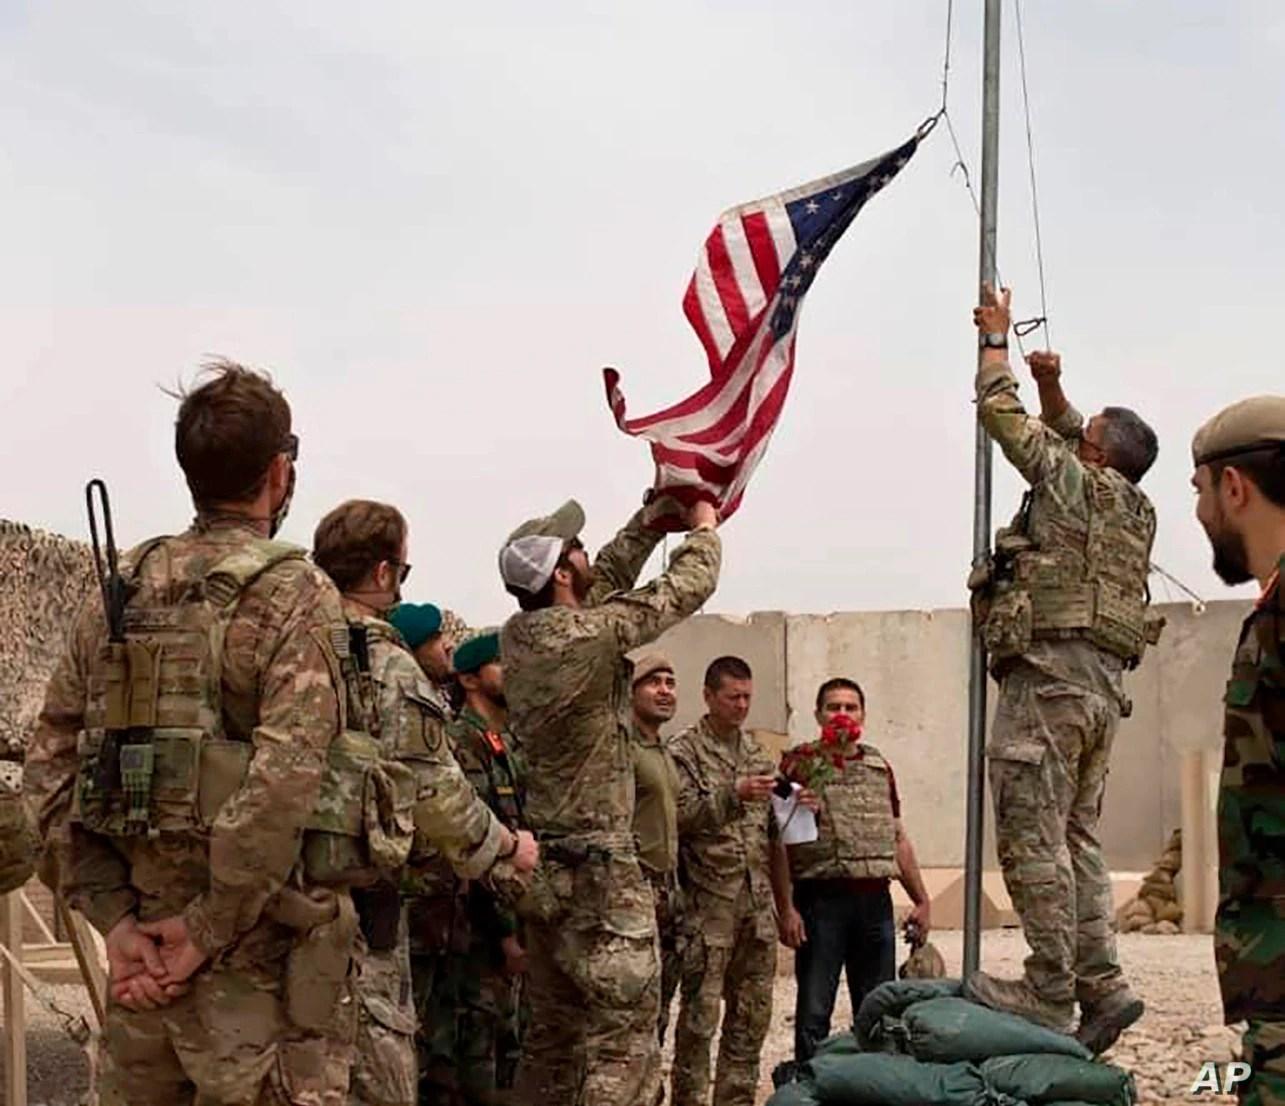 westerse-strijdkrachten-hebben-duizenden-burgers-gedood-en-oorlogsmisdaden-begaan-in-afghanistan.-bijna-geen-van-hen-werd-verzoend-voor-de-definitieve-terugtrekking